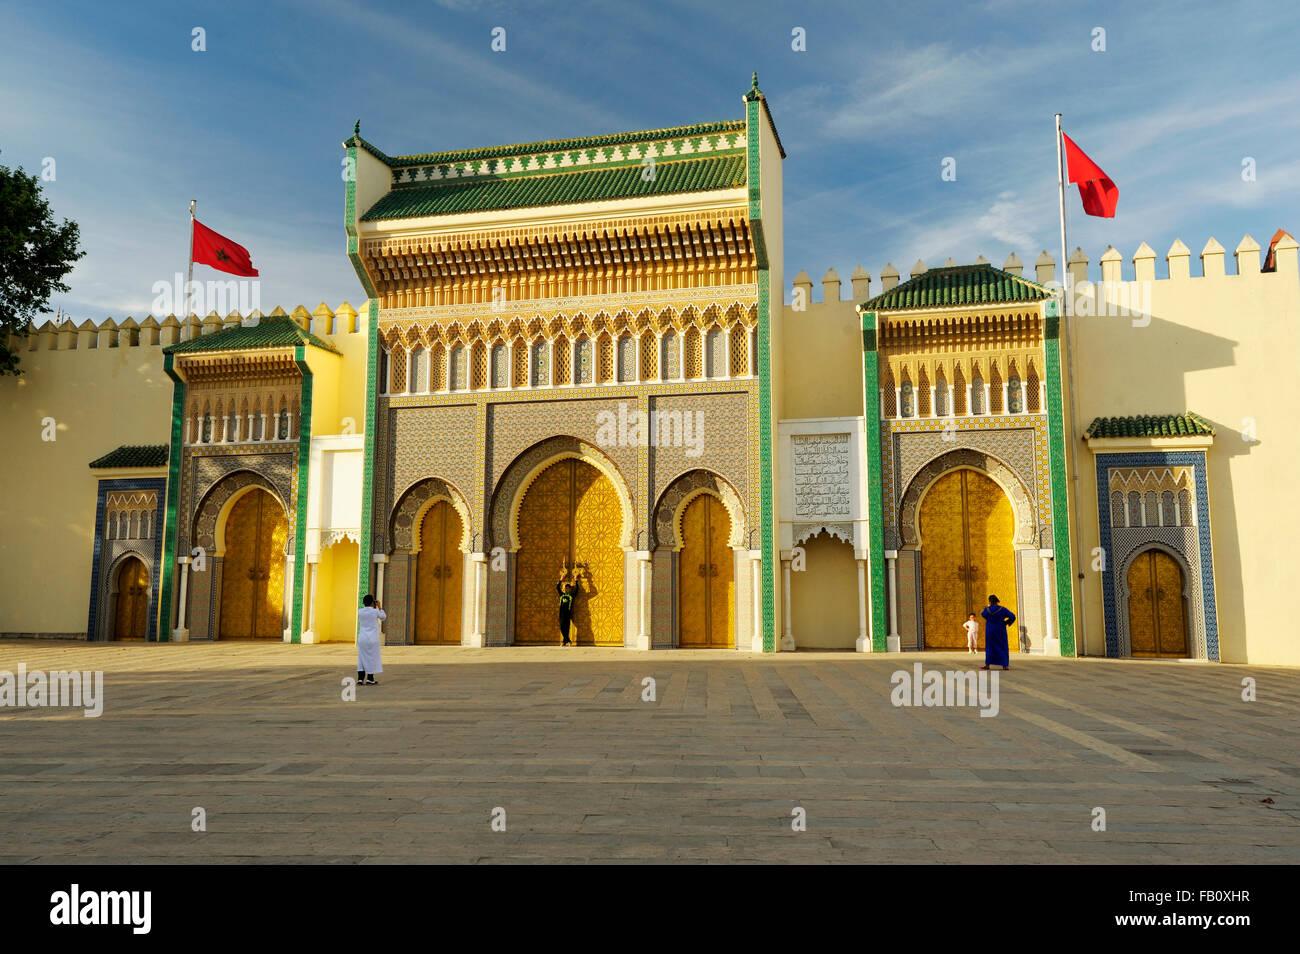 Porte du Palais Royal, Fes el Jdid, Fes, Fes-Boulemane, Morocco - Stock Image